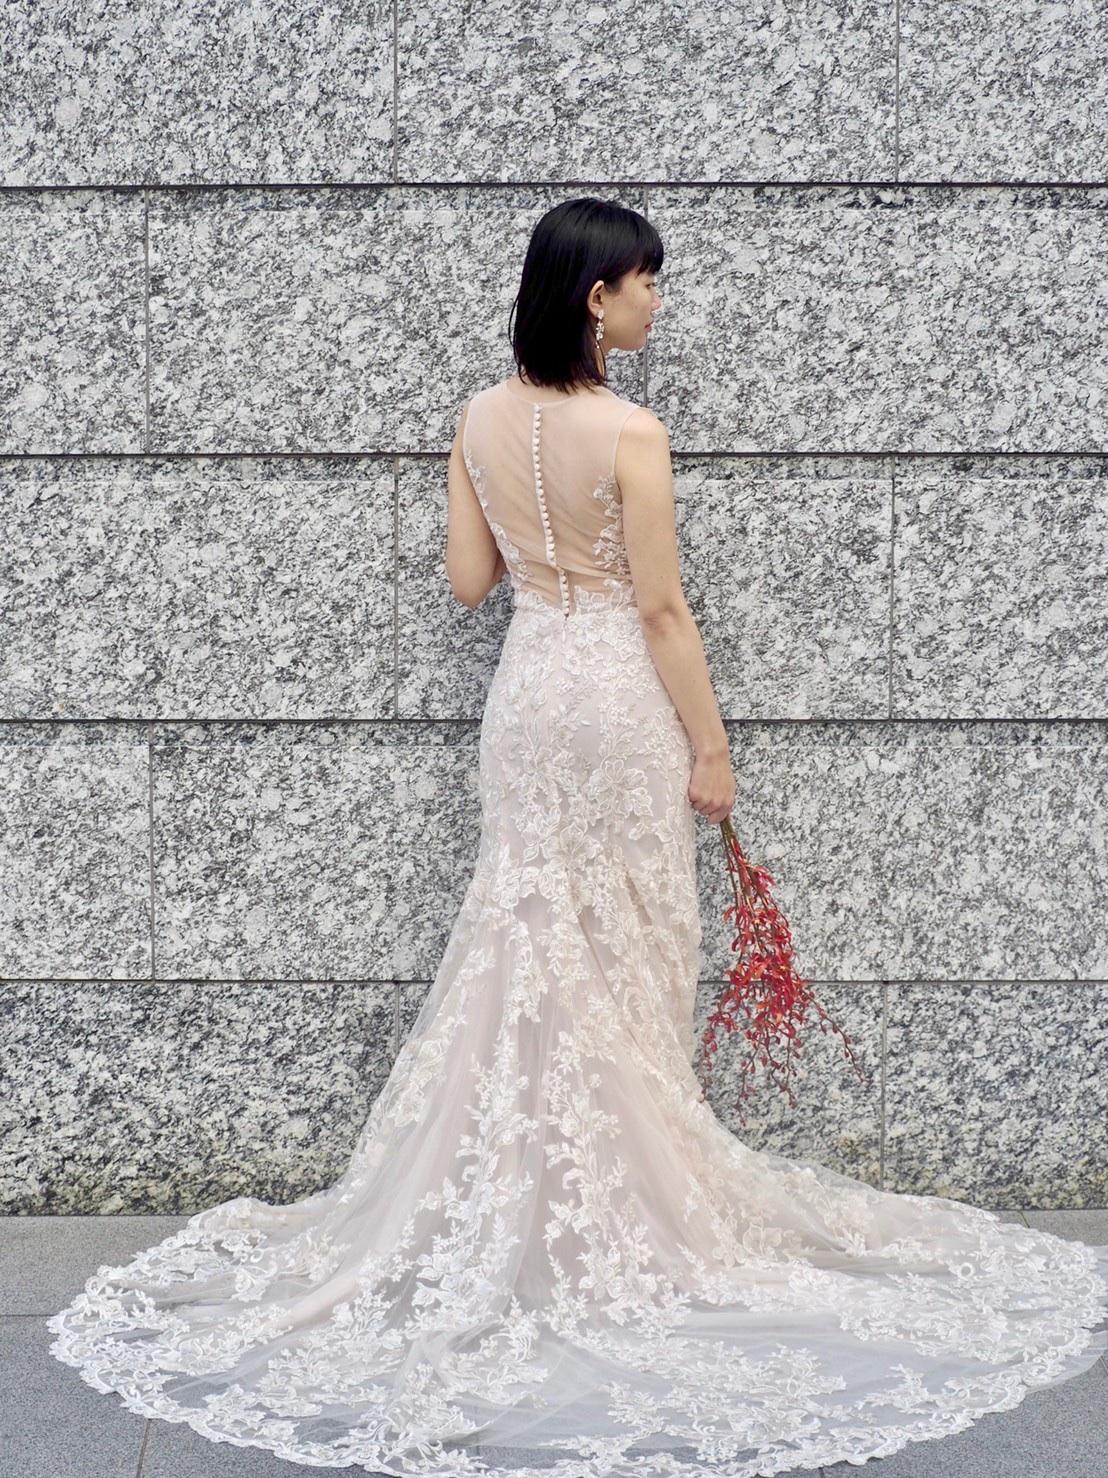 トリートドレッシング神戸店にてお取り扱いのあるお背中のクルミボタンが愛らしいブリス モニーク・ルイリエのドレスのご紹介